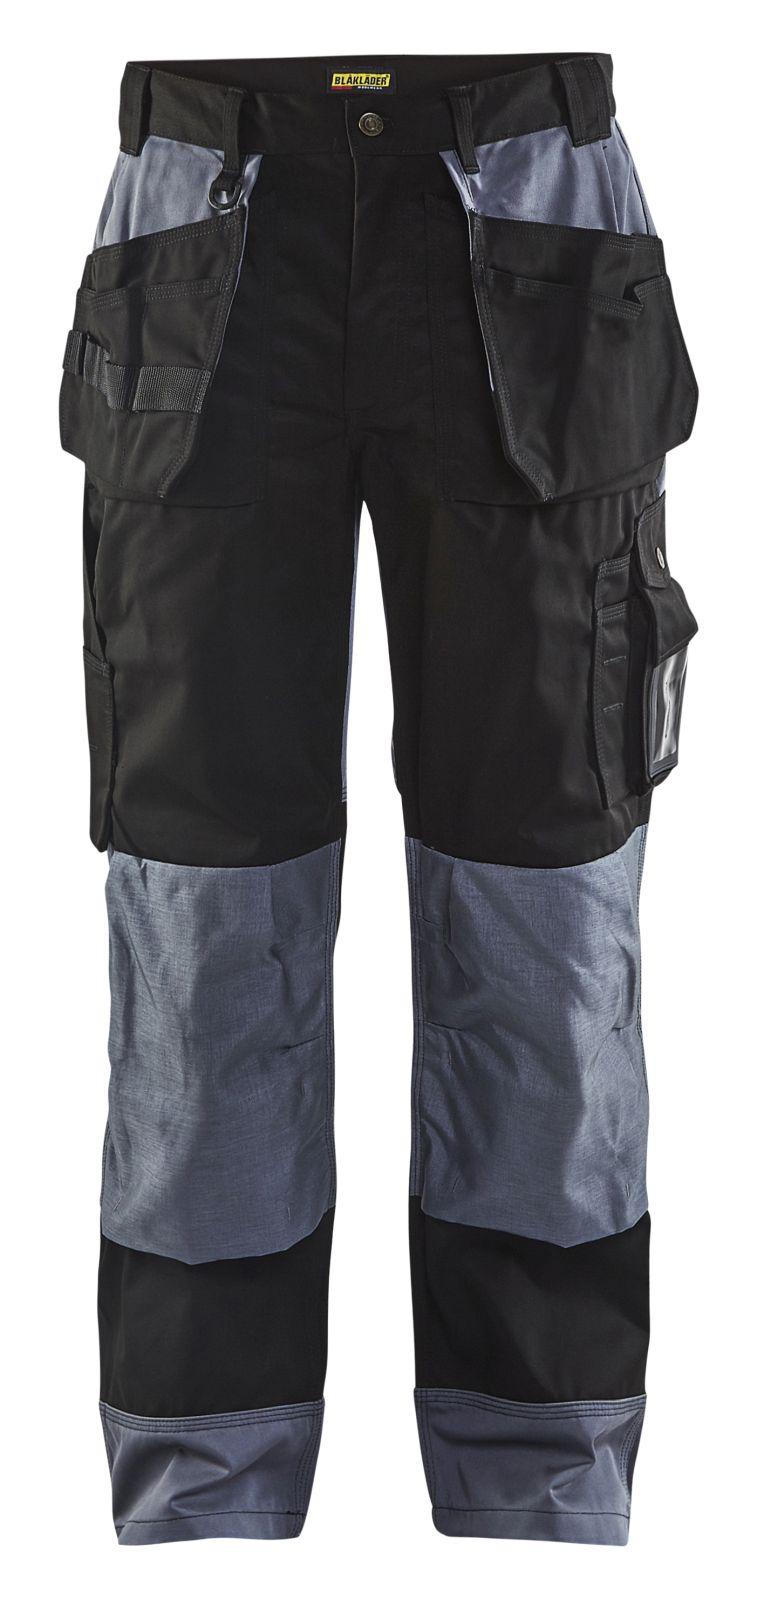 Blaklader Werkbroeken 15031860 zwart-grijs(9994)